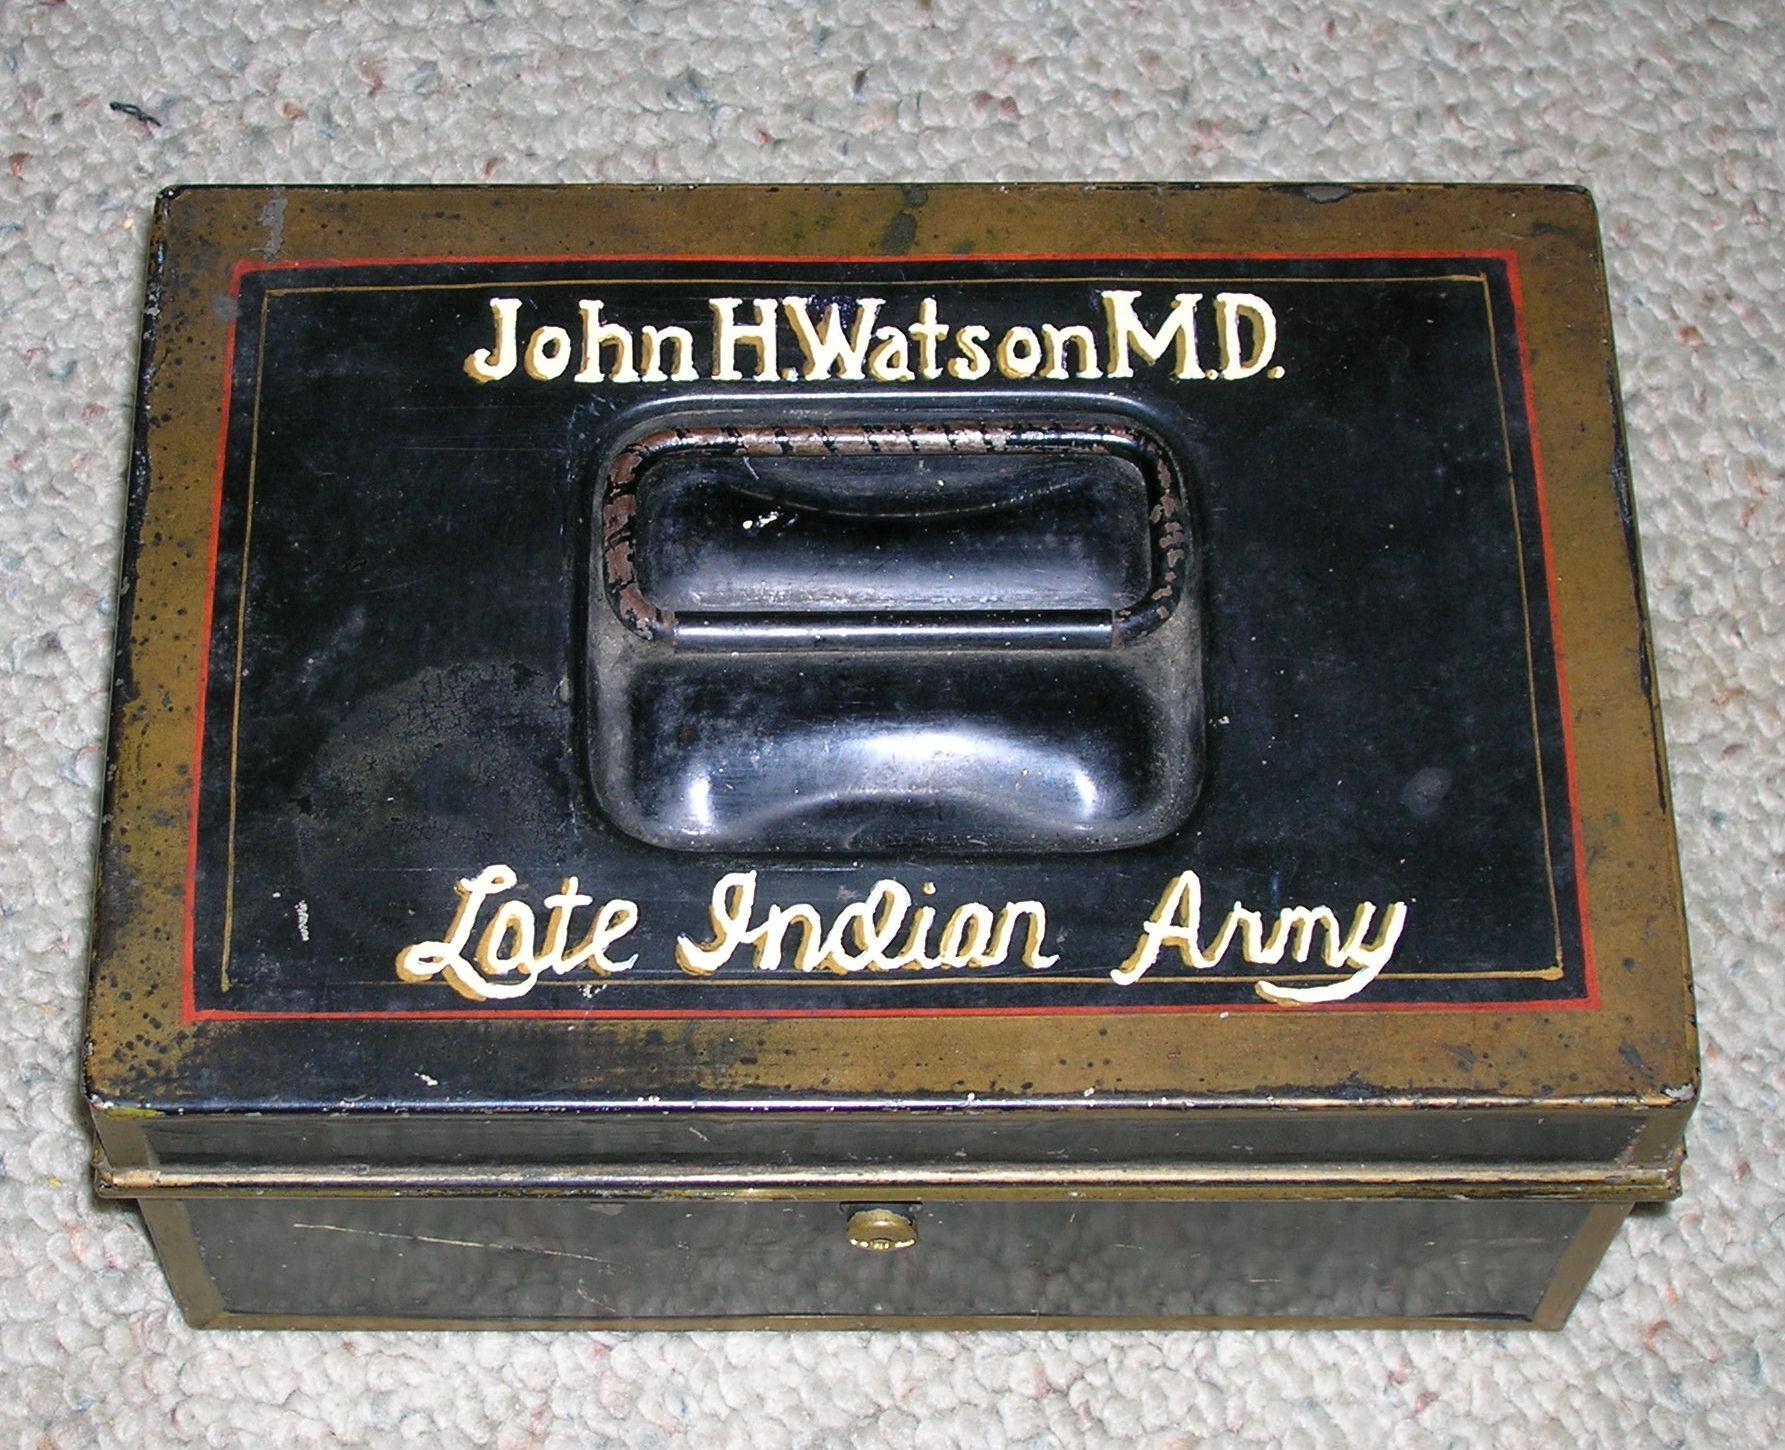 From Watson's Tin Box – The Naval Treaty